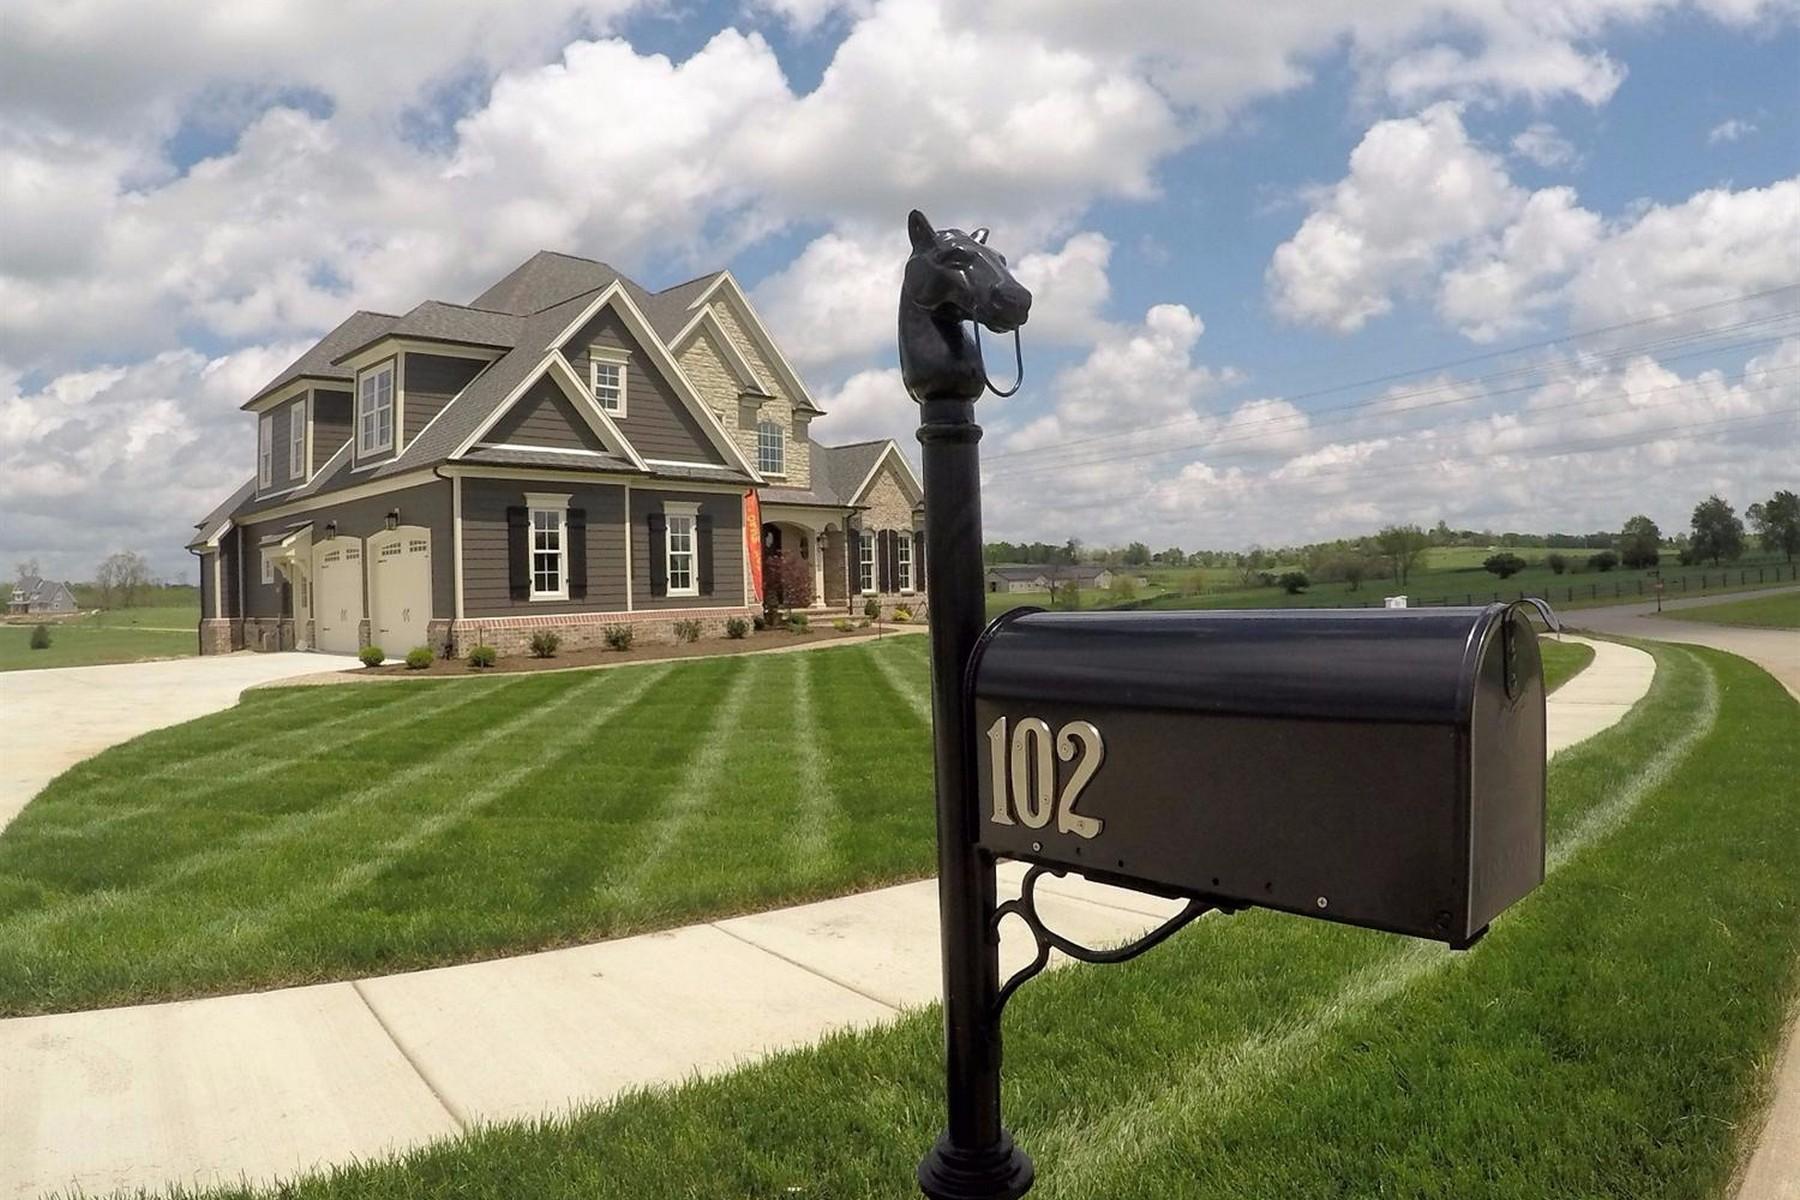 Maison unifamiliale pour l Vente à 102 Mahin Trail Nicholasville, Kentucky, 40356 États-Unis